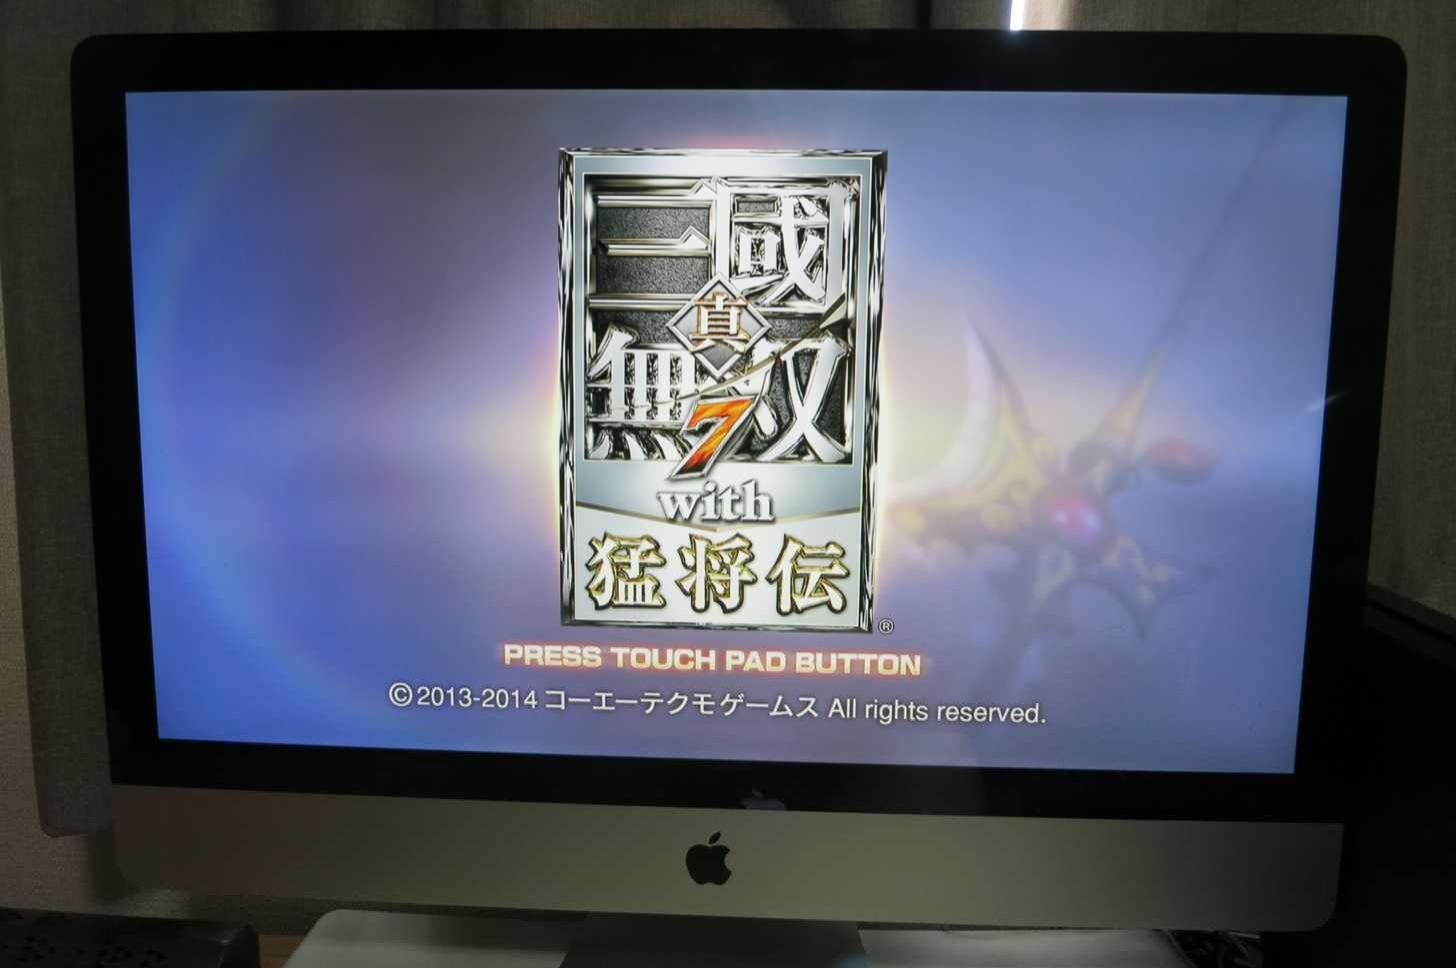 PS4のダウンロード版ゲームソフトが動いた!